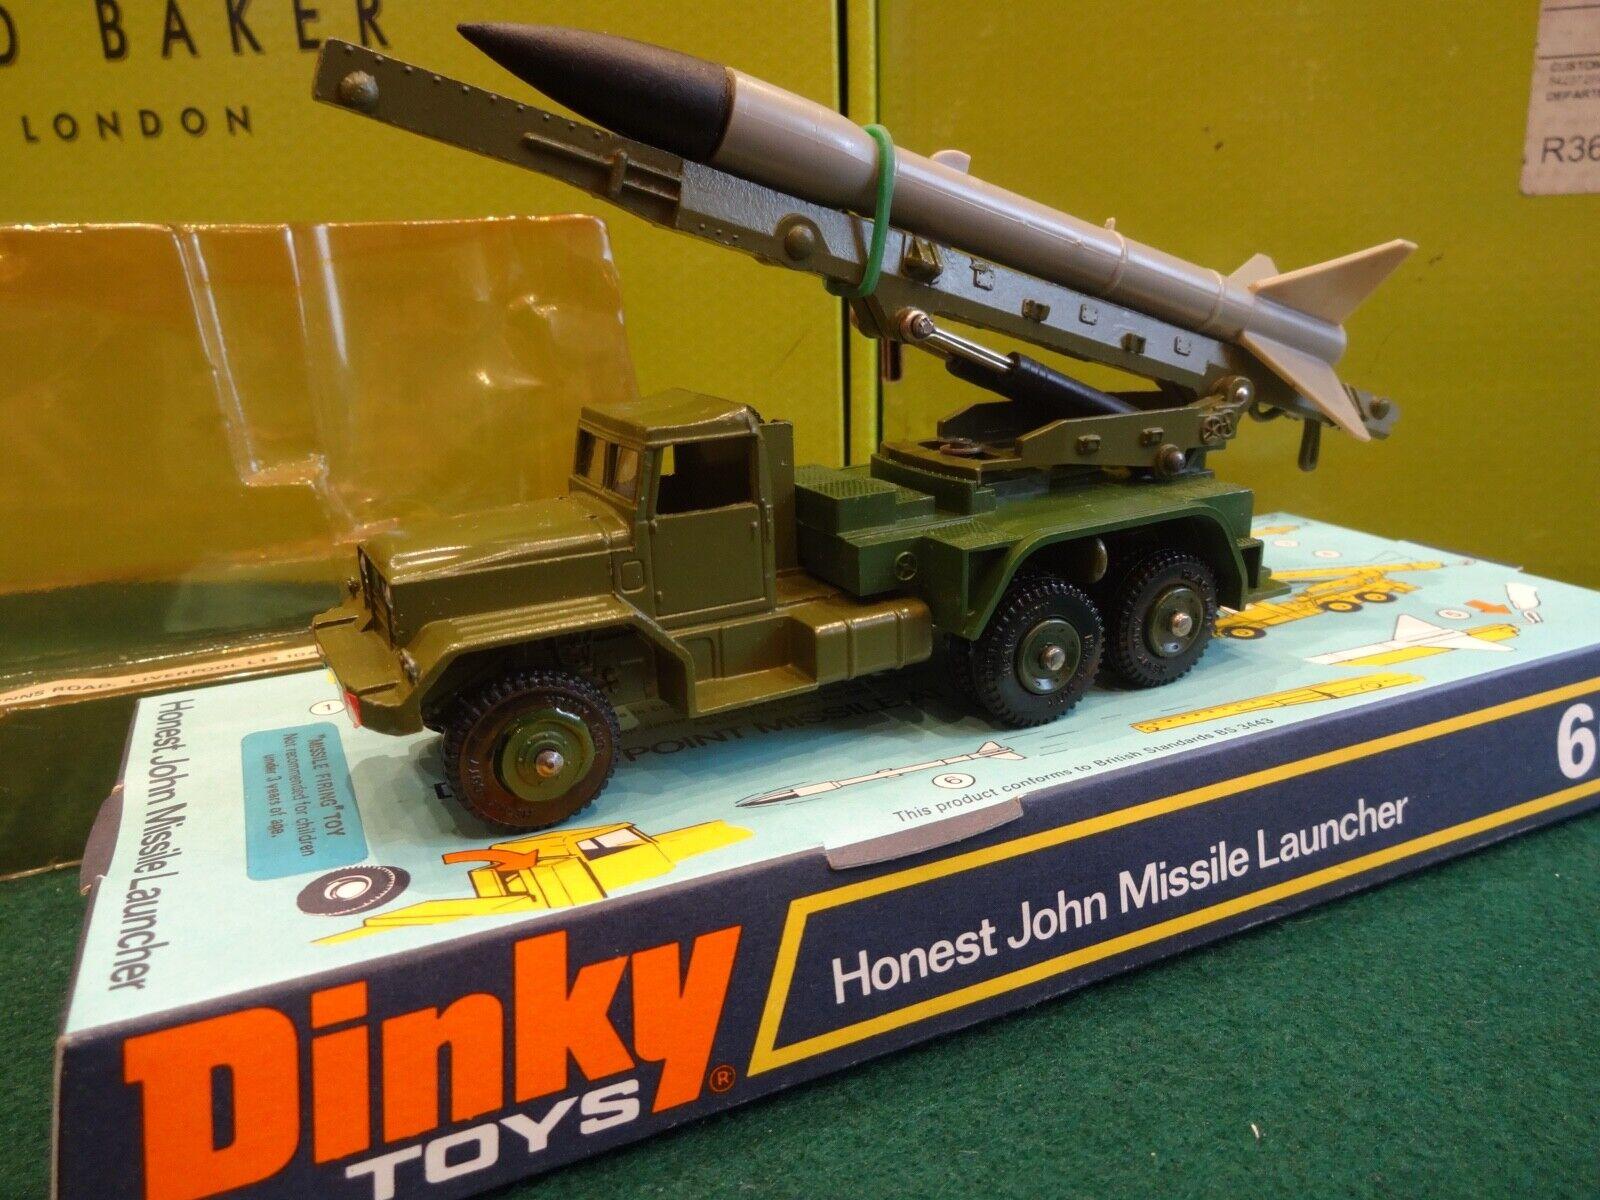 a la venta Dinky Juguetes Juguetes Juguetes Ultra Raro 665 honesto John lanzador de misiles  precios bajos